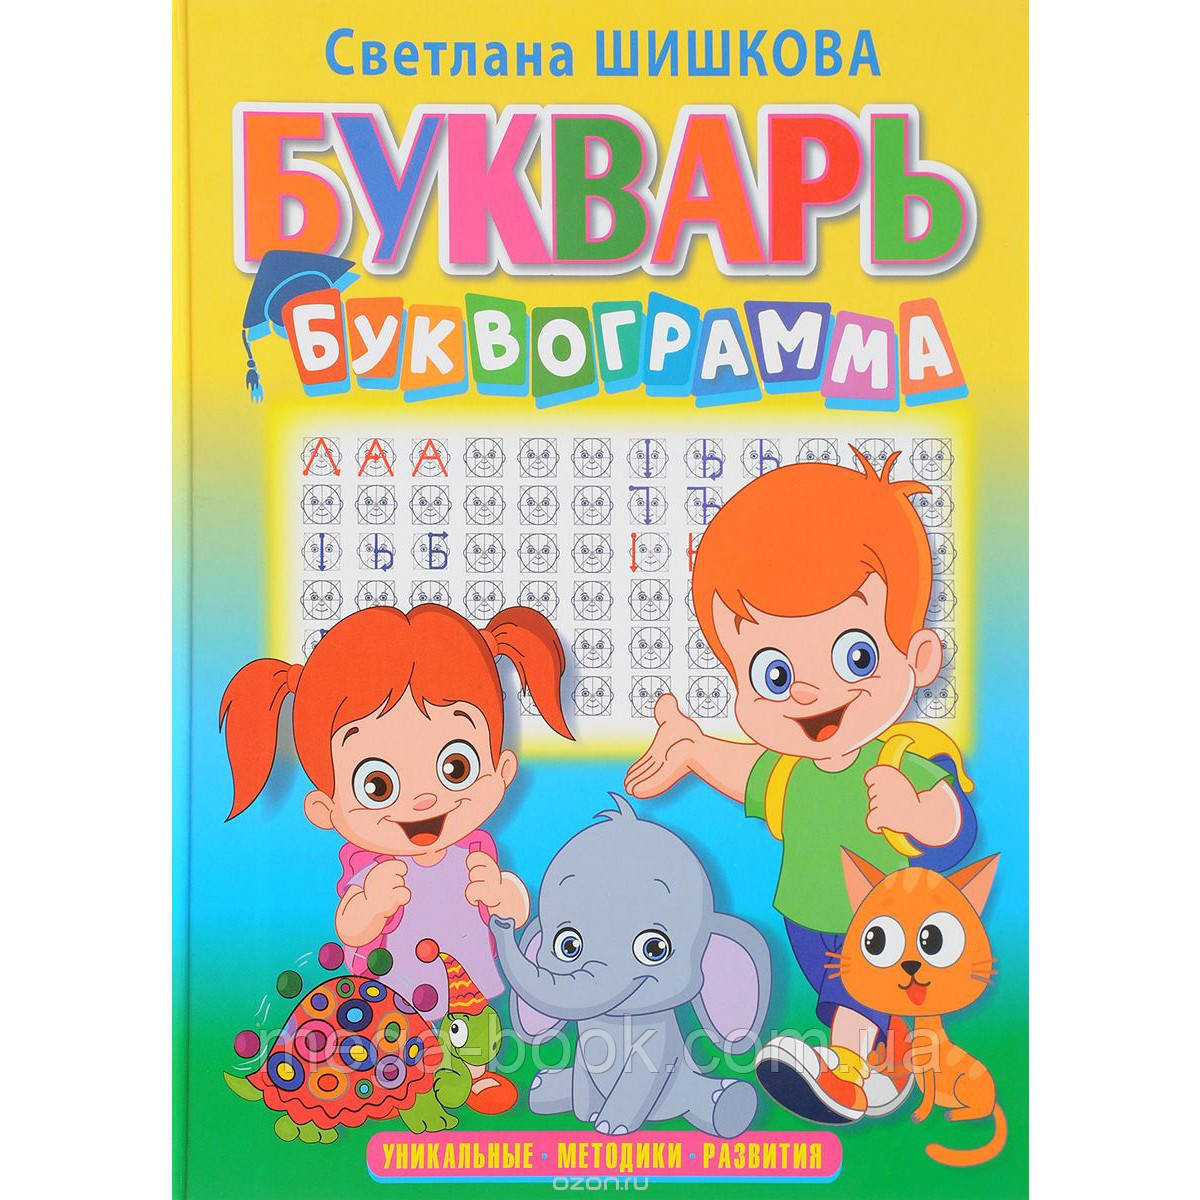 Букварь Буквограмма. Шишкова Светлана